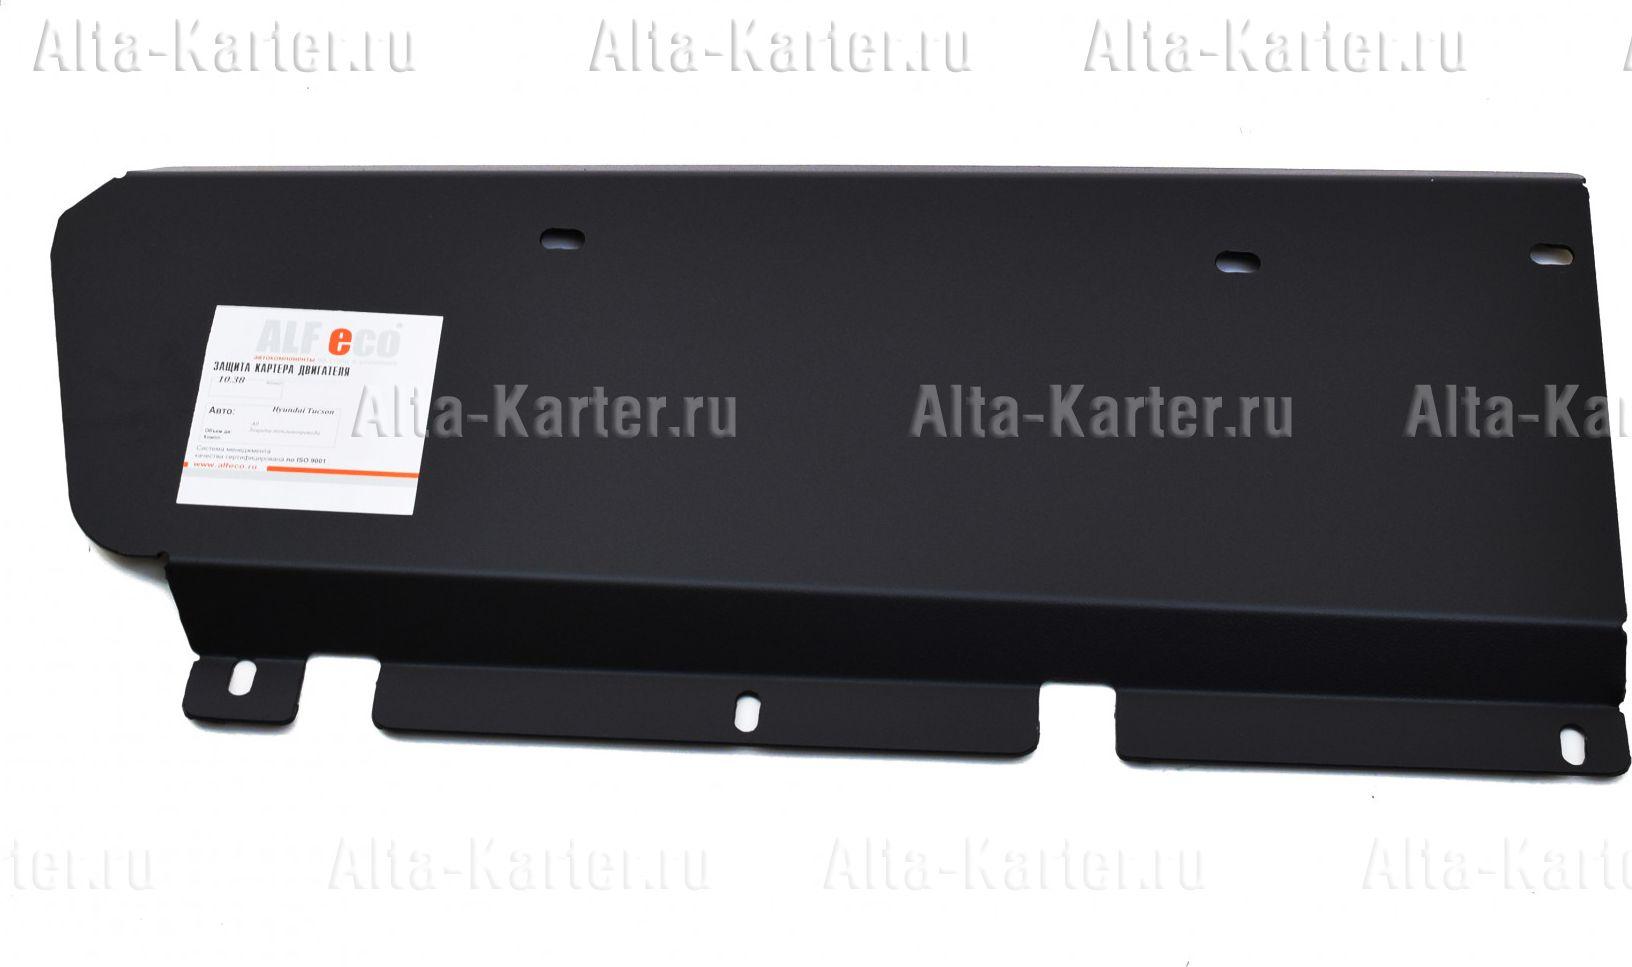 Защита Alfeco для топливопровода Kia Sportage IV 2016-2021. Артикул ALF.10.38